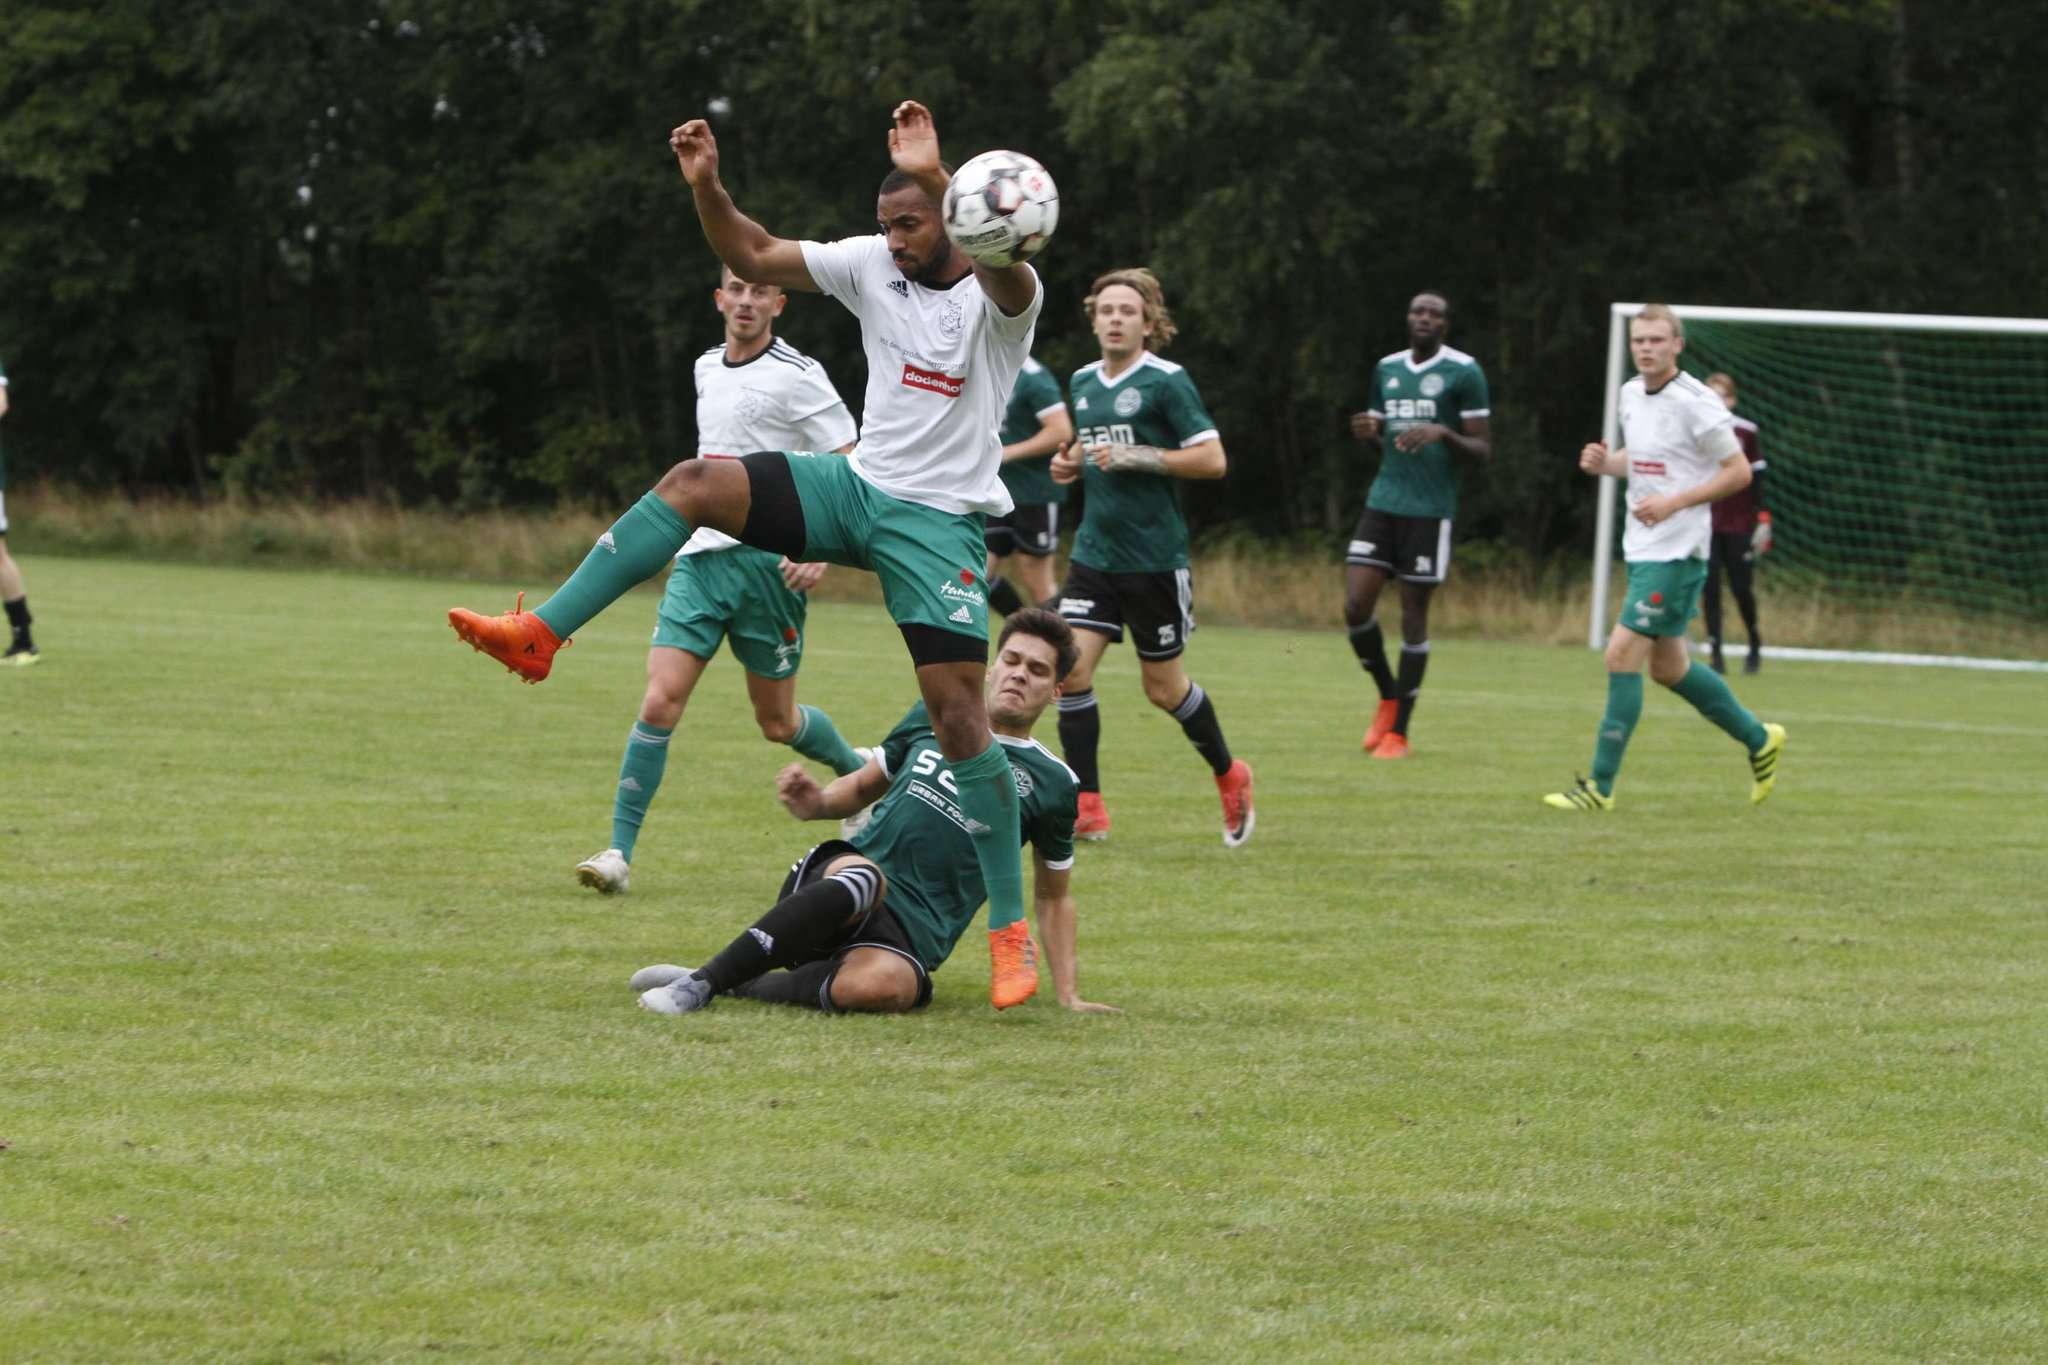 Der TSV Ottersberg (weiße Trikots) sicherte sich den Gemeindepokal. Im Endspiel besiegten sie die Auswahl den TSV Fischerhude-Quelkhorn mit 4:3. Foto: Tobias Woelki